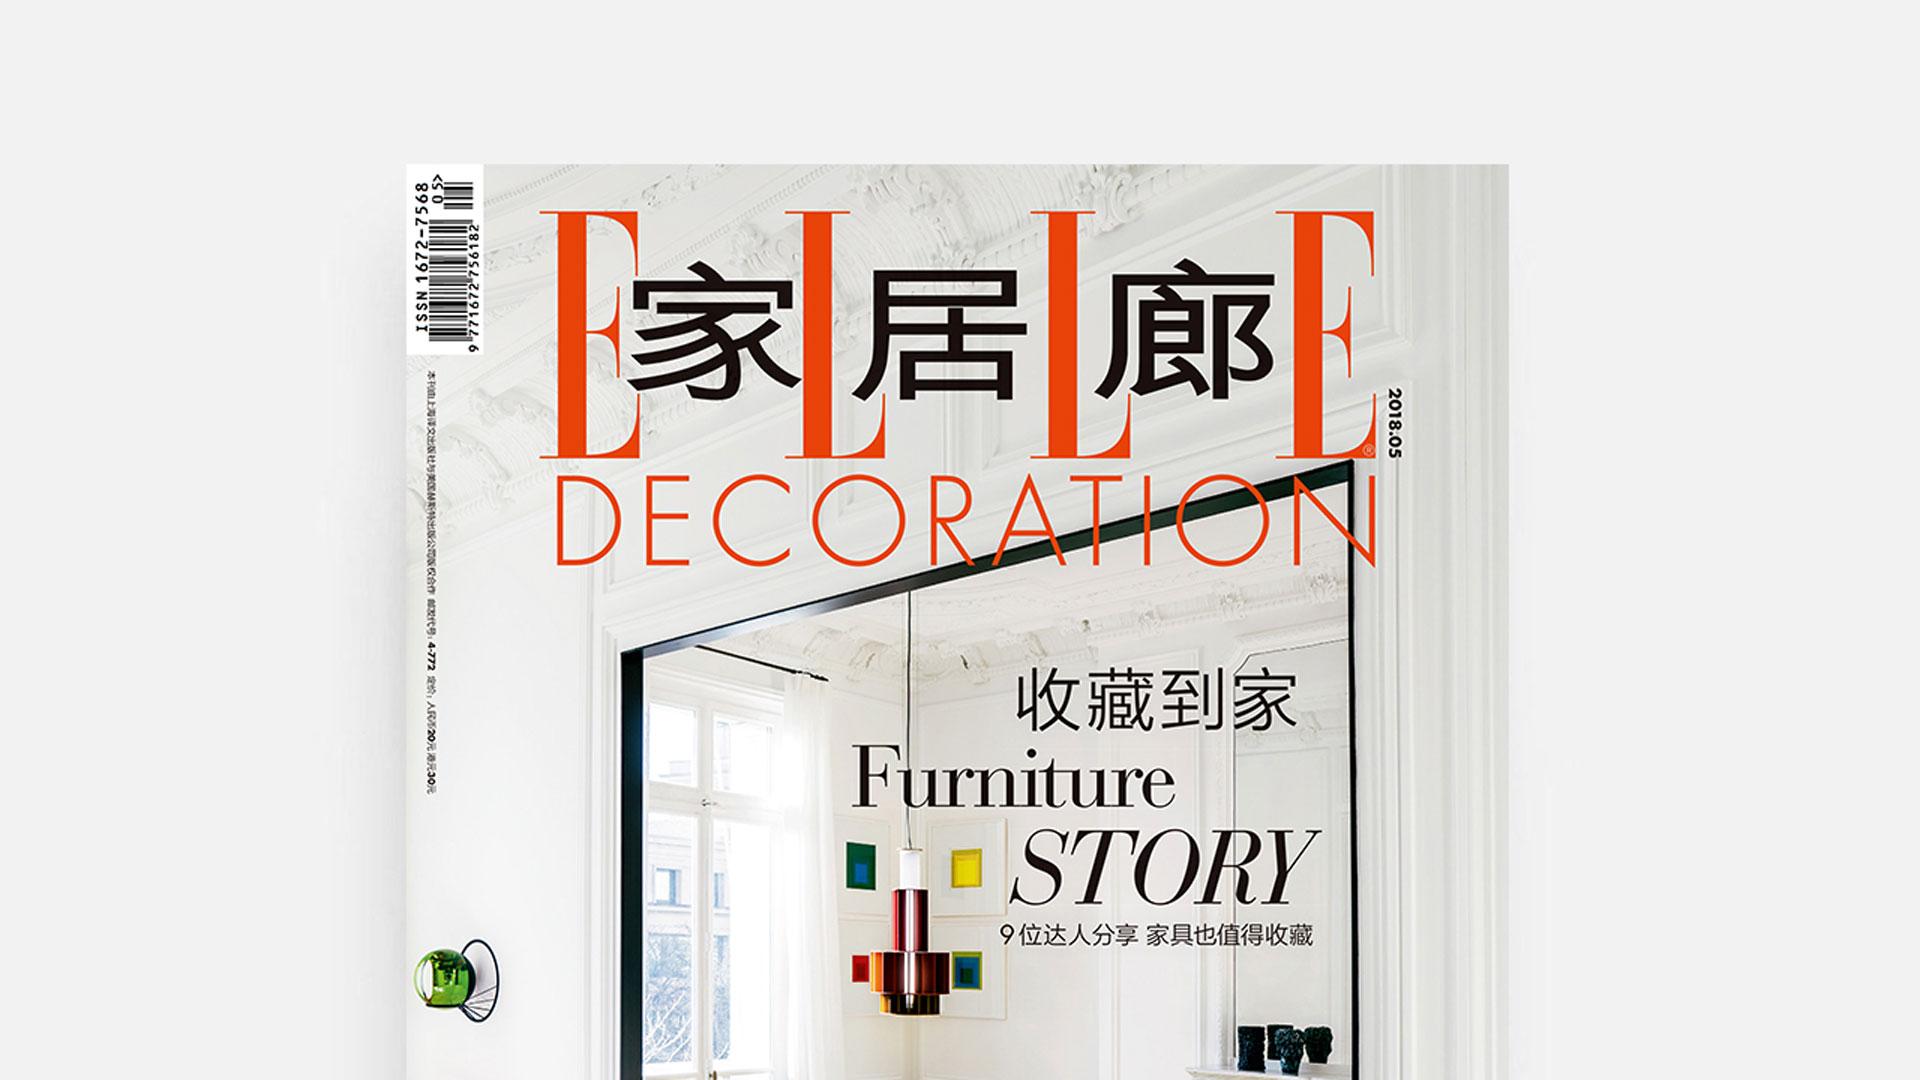 《家居廊》5月刊 | 与造作探索空间搭配的可能性